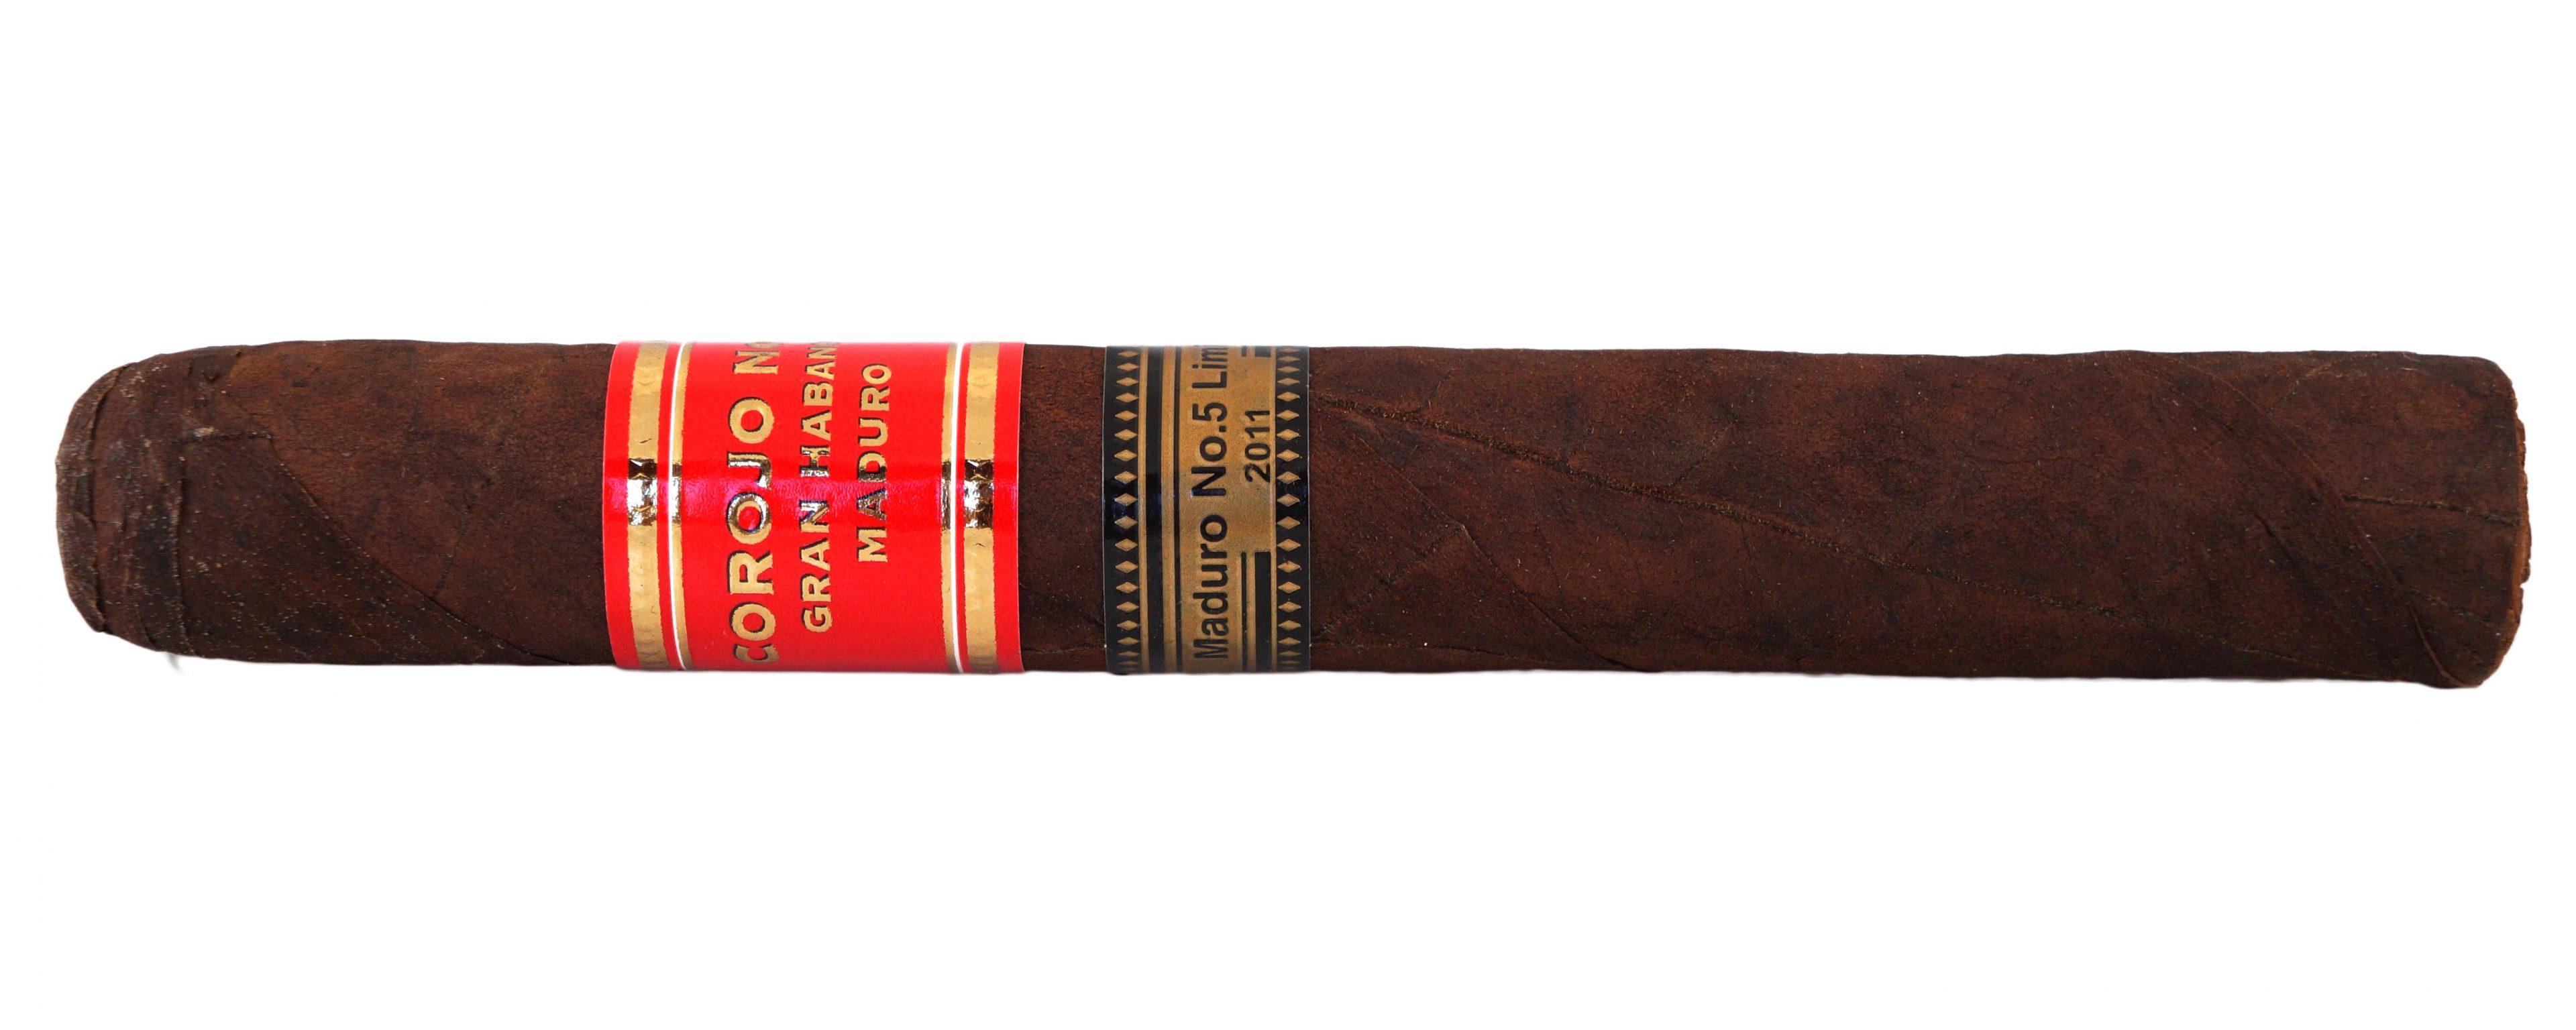 Blind Cigar Review: Gran Habano | Corojo No. 5 Maduro 2011 Gran Robusto